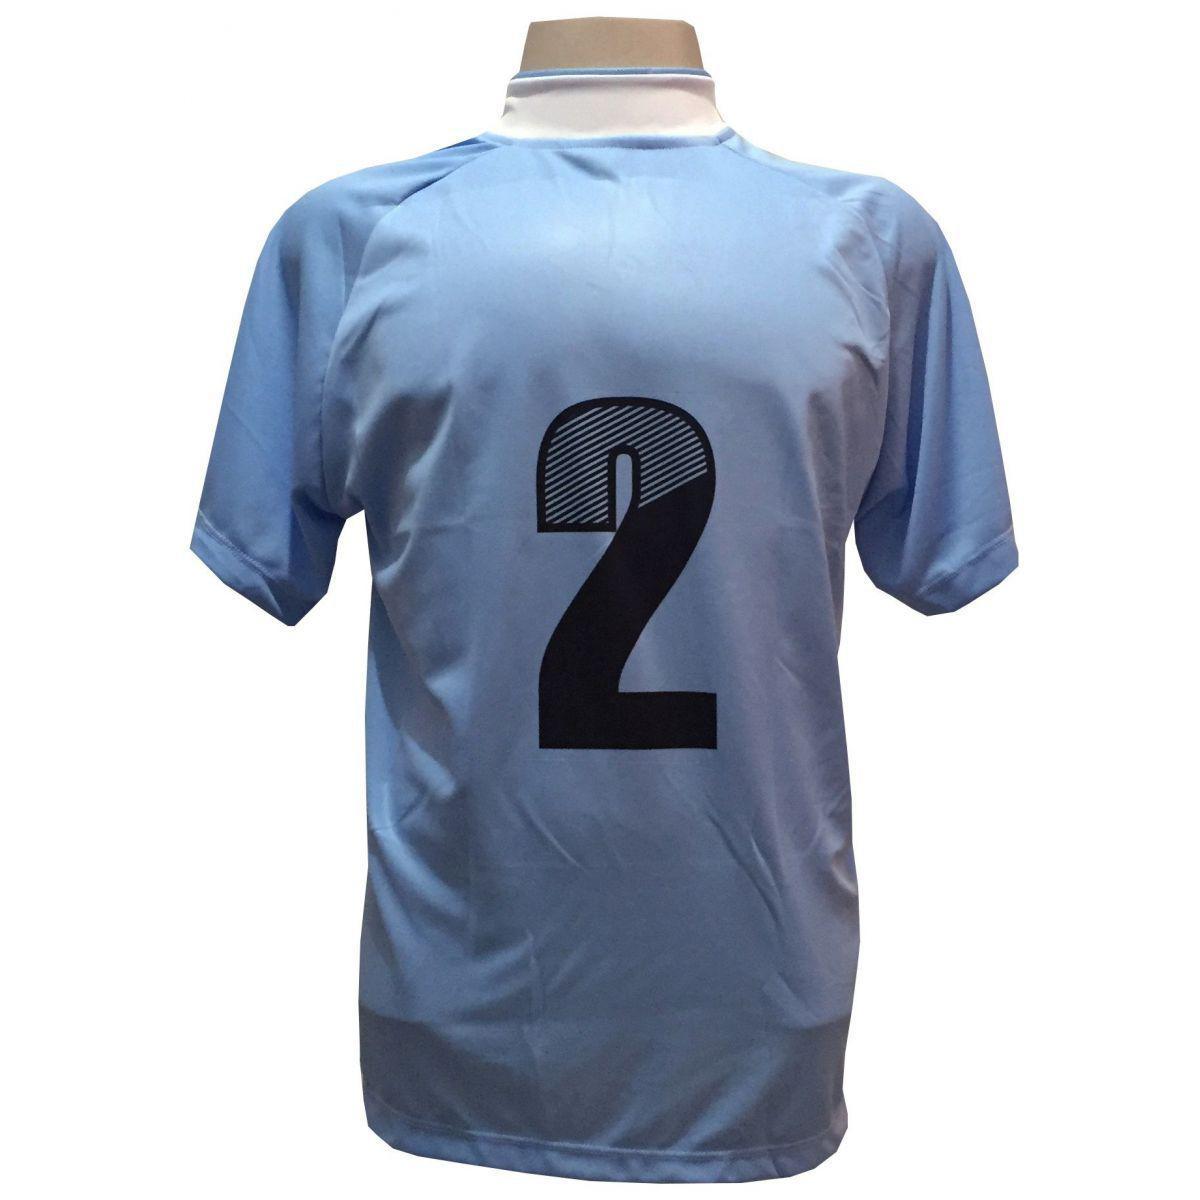 Uniforme Esportivo com 20 camisas modelo Milan Celeste Branco + 20 calções  modelo Madrid + 1 Goleiro + Brindes - Play fair - Futebol - Magazine Luiza dbdad90582ca7